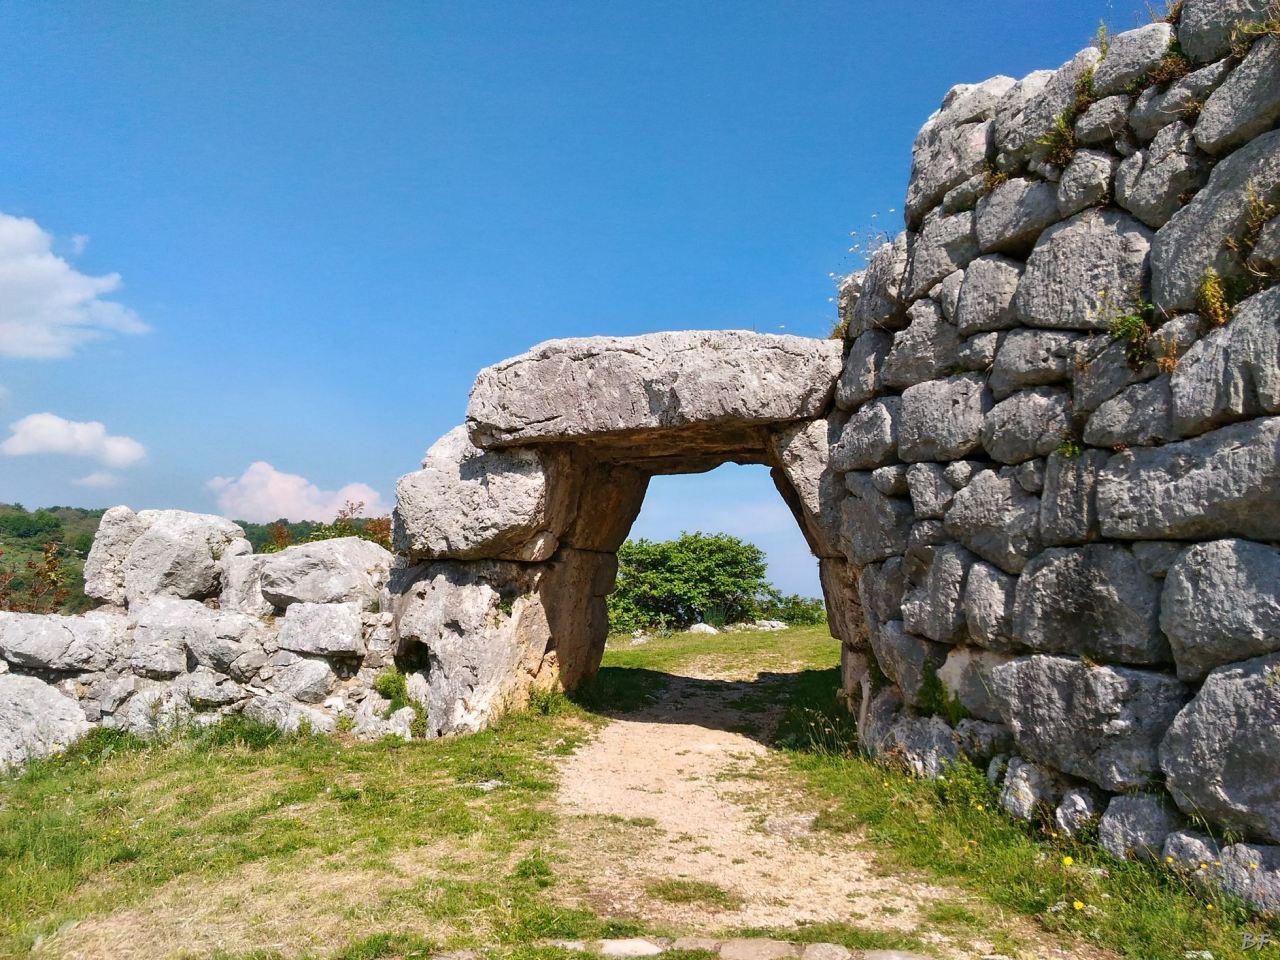 Signia-Mura-Poligonali-Megalitiche-Segni-Roma-Lazio-Italia-20